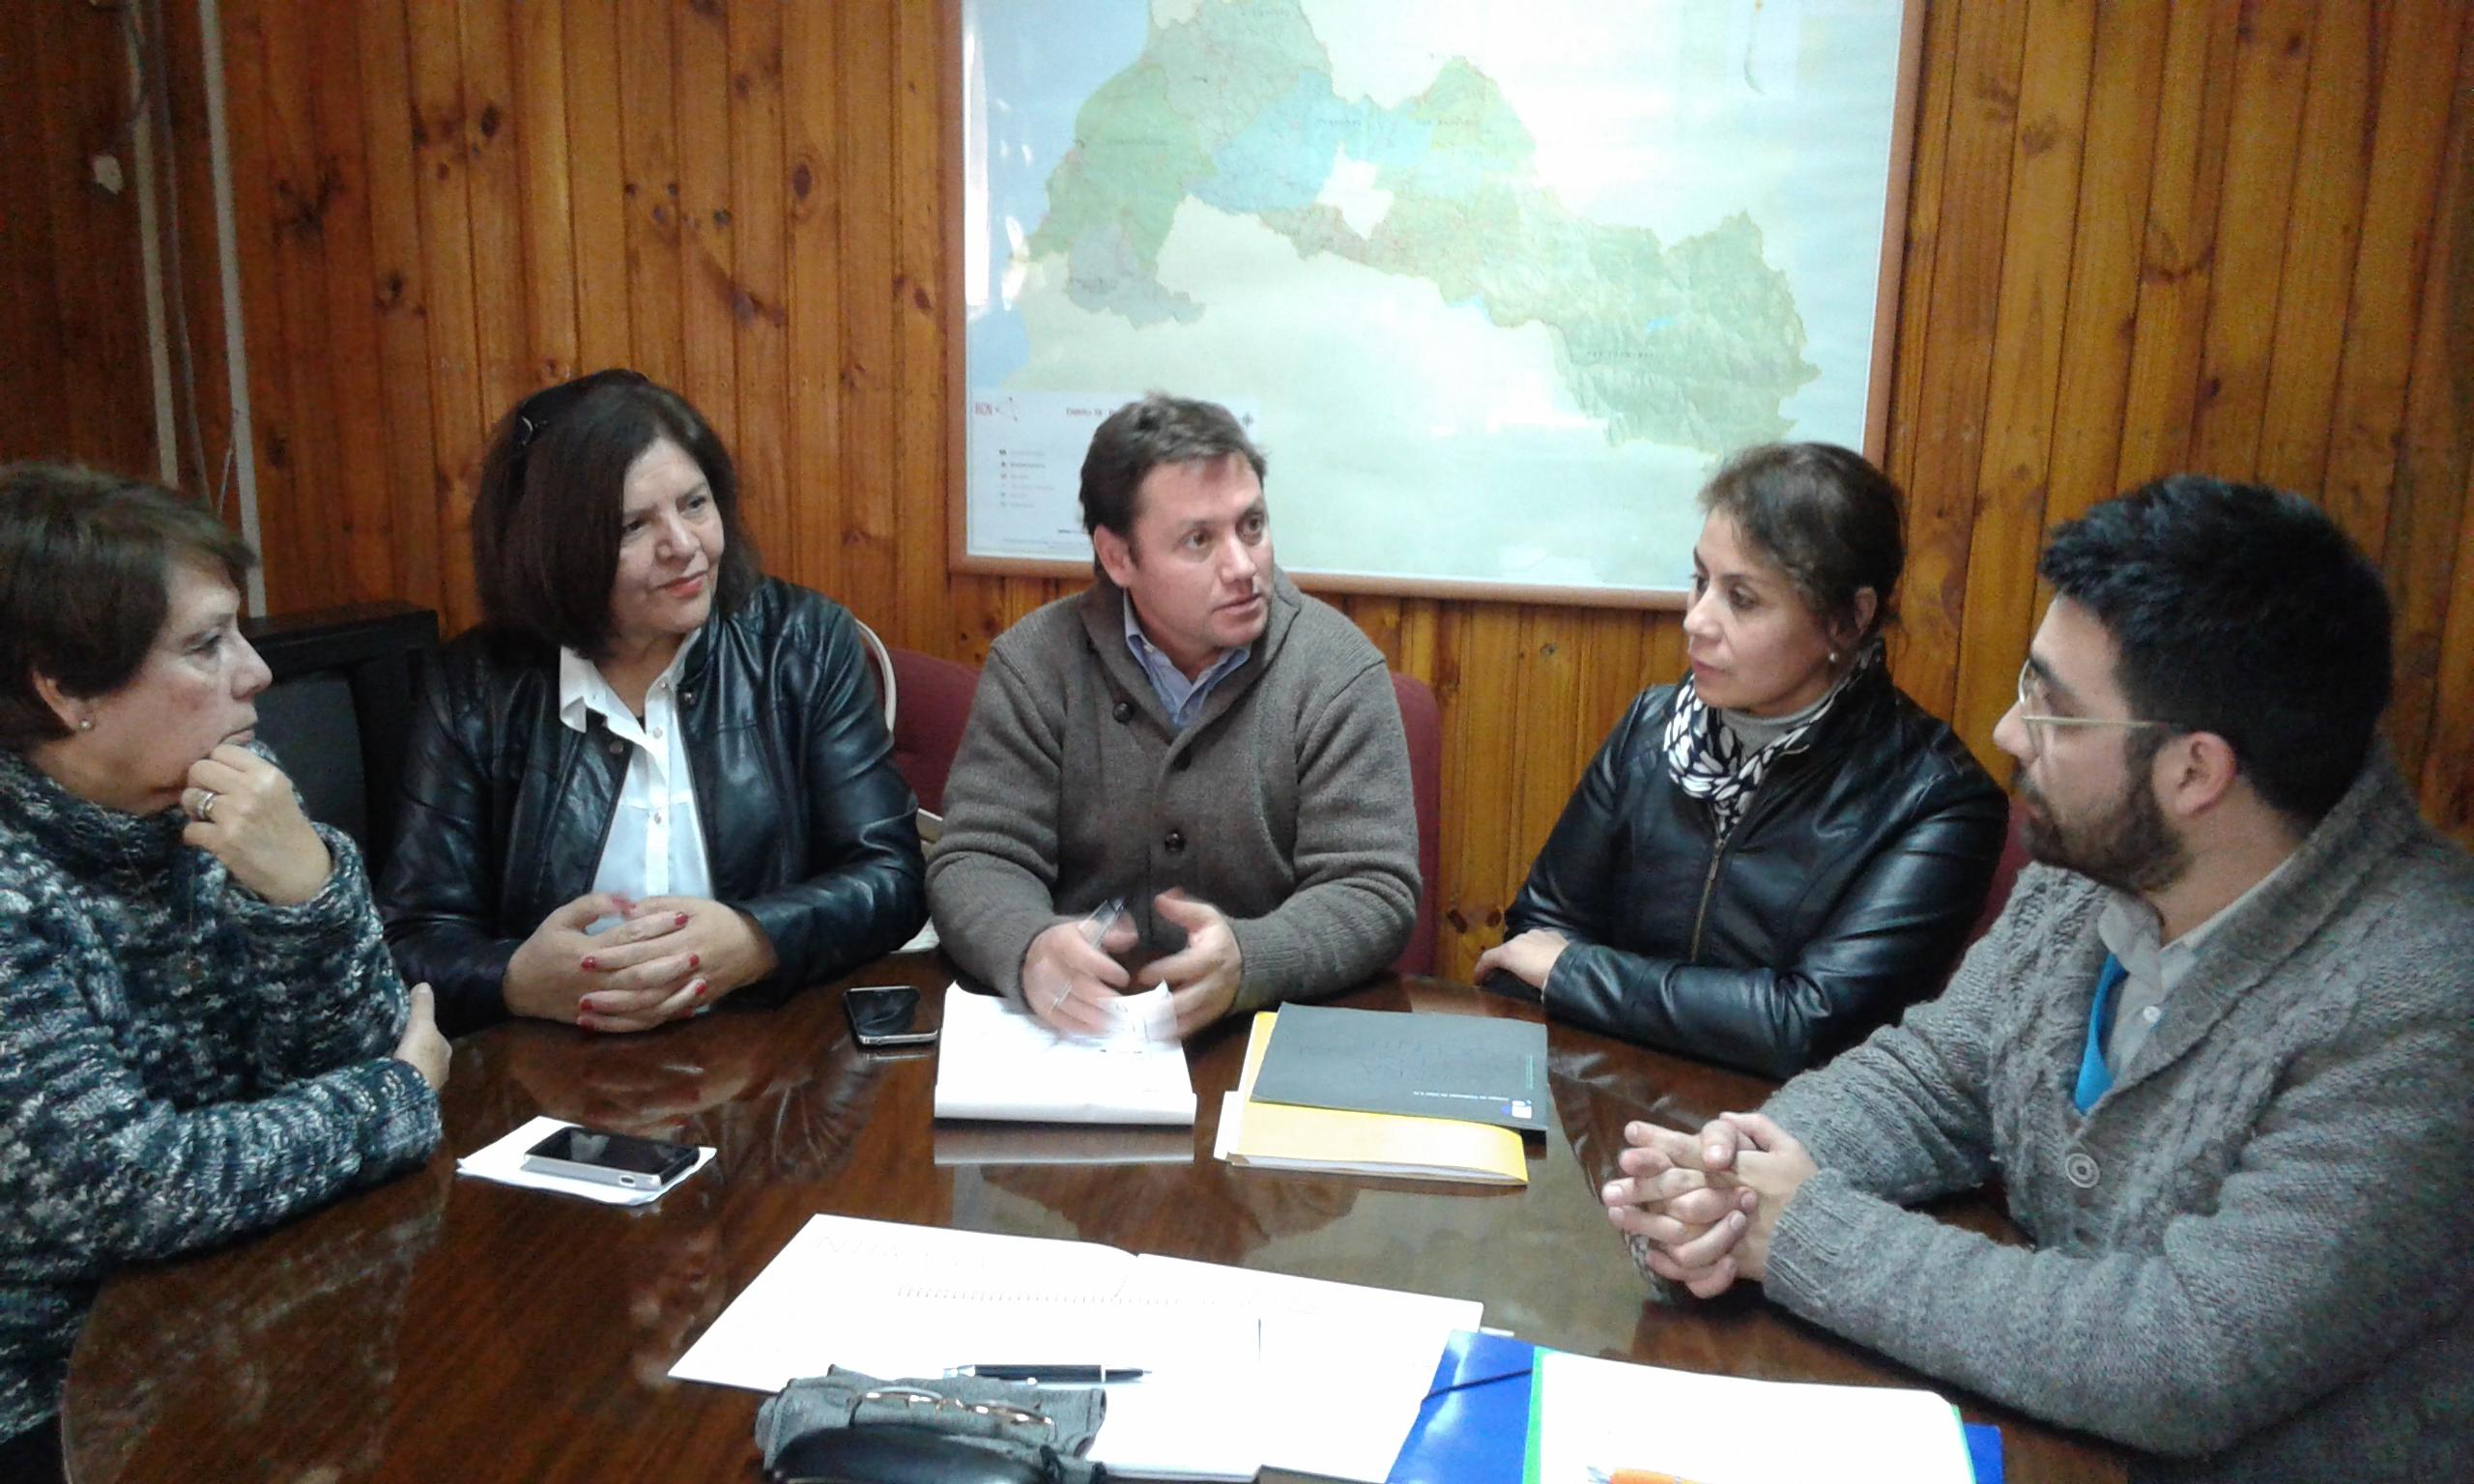 Diputado Álvarez-Salamanca presentará moción en el Congreso con las necesidades de los profesores